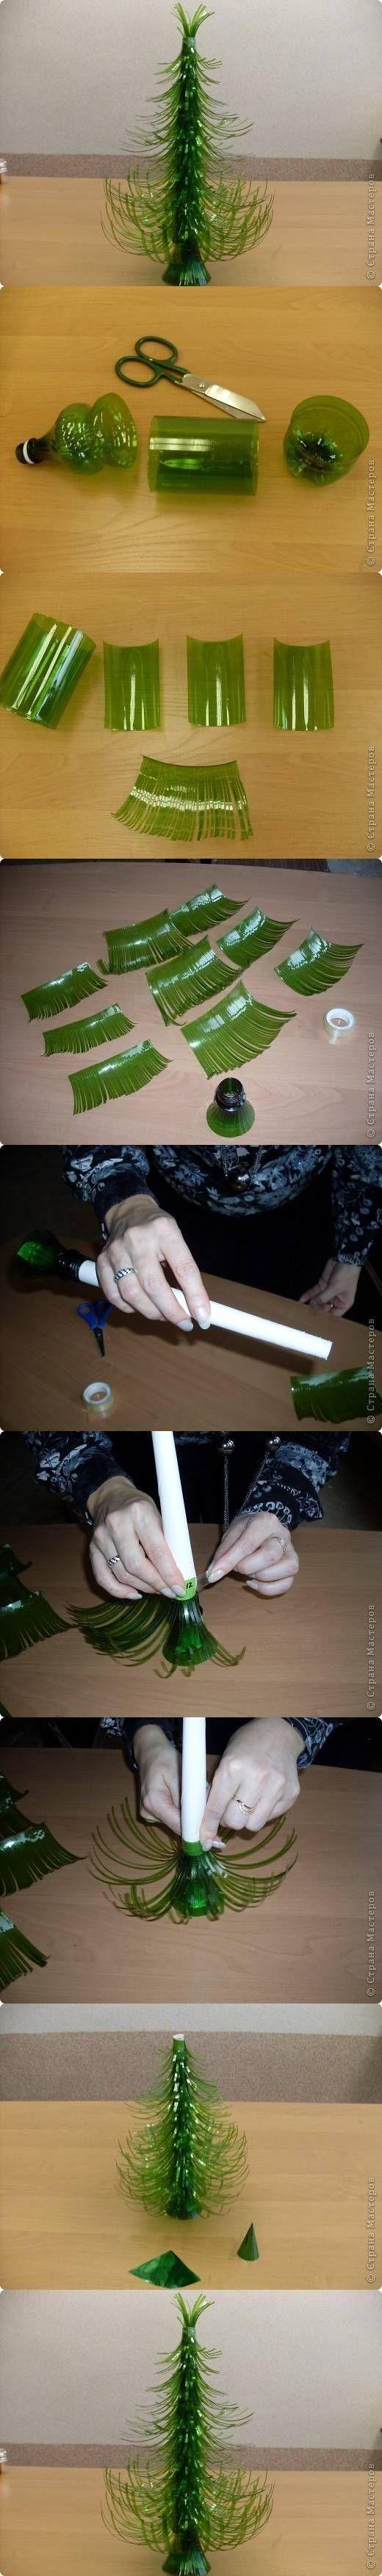 Árbol navidad botellas de sprite de plástico                                                                                                                                                                                 Más